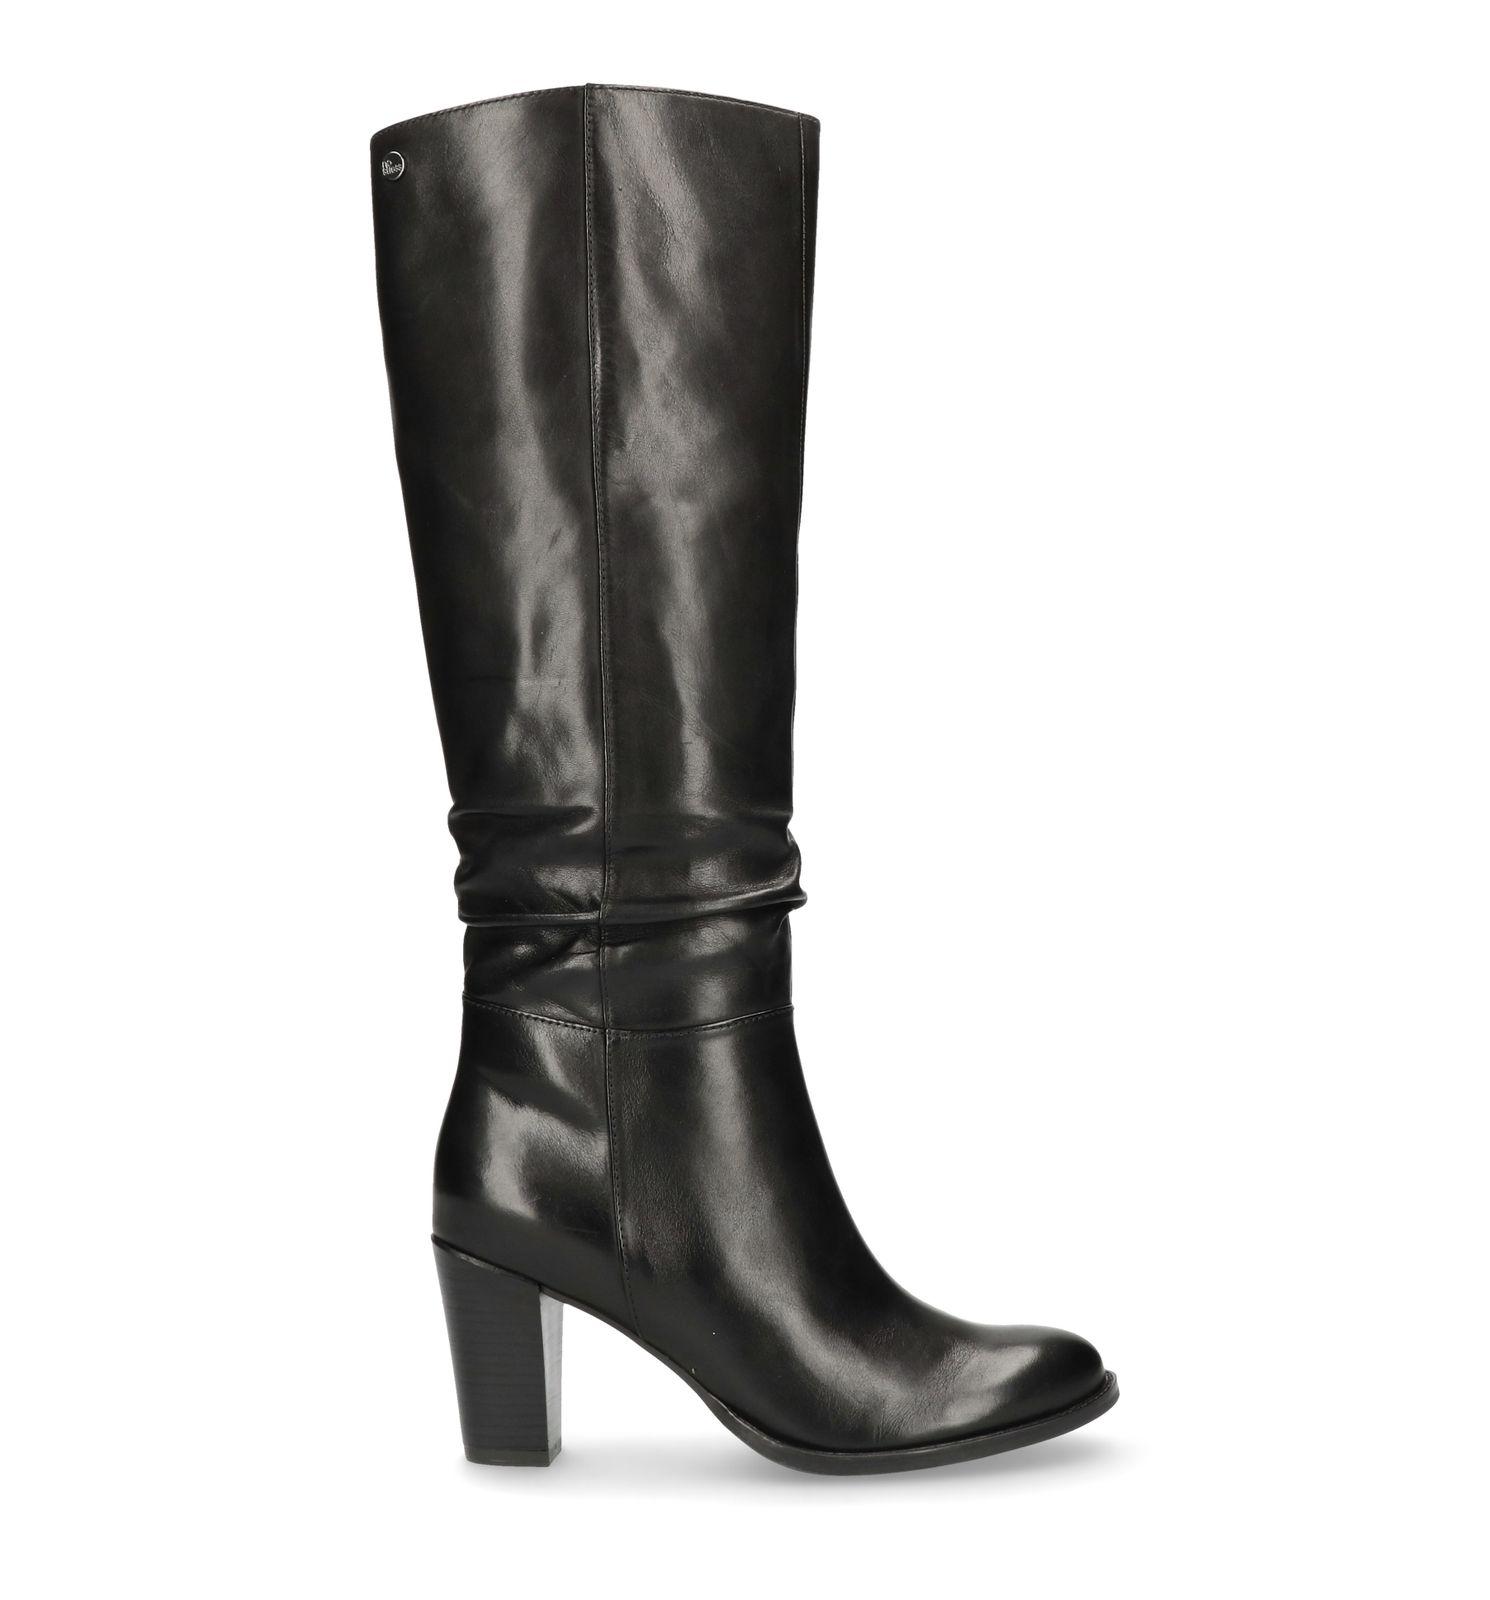 Wonderbaar Zwarte hoge laarzen met hak - Dames | MANFIELD GT-67